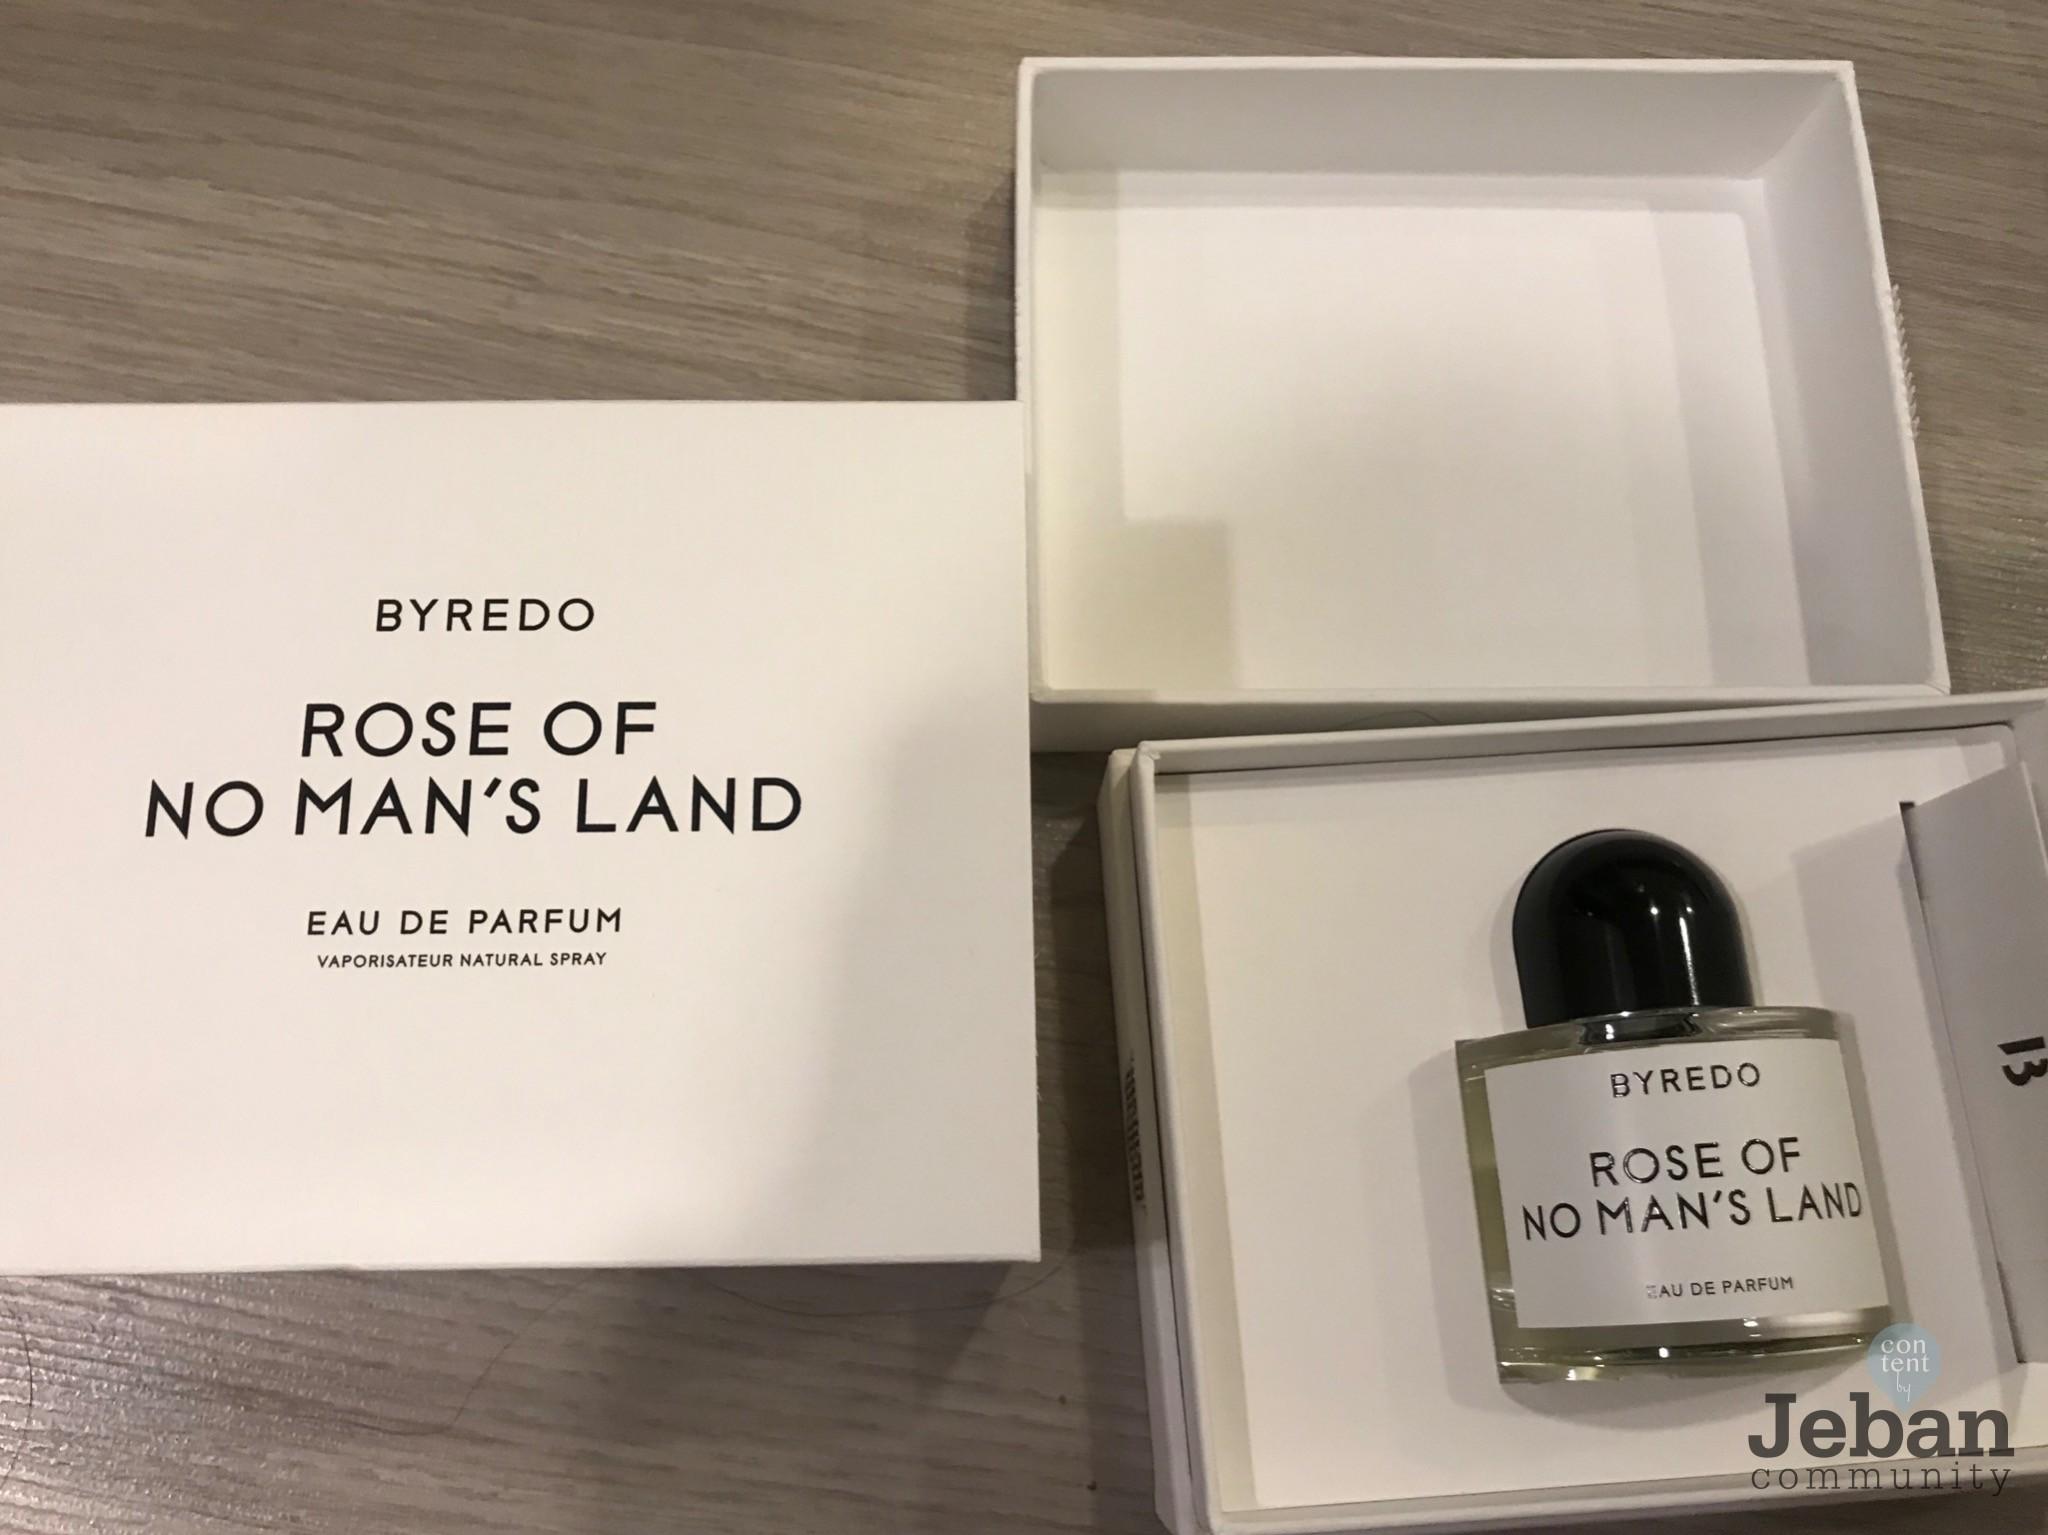 Haul À¸™ À¸³à¸«à¸à¸¡ Byredo À¸à¸¥ À¸™ Rose Of No Man S Land